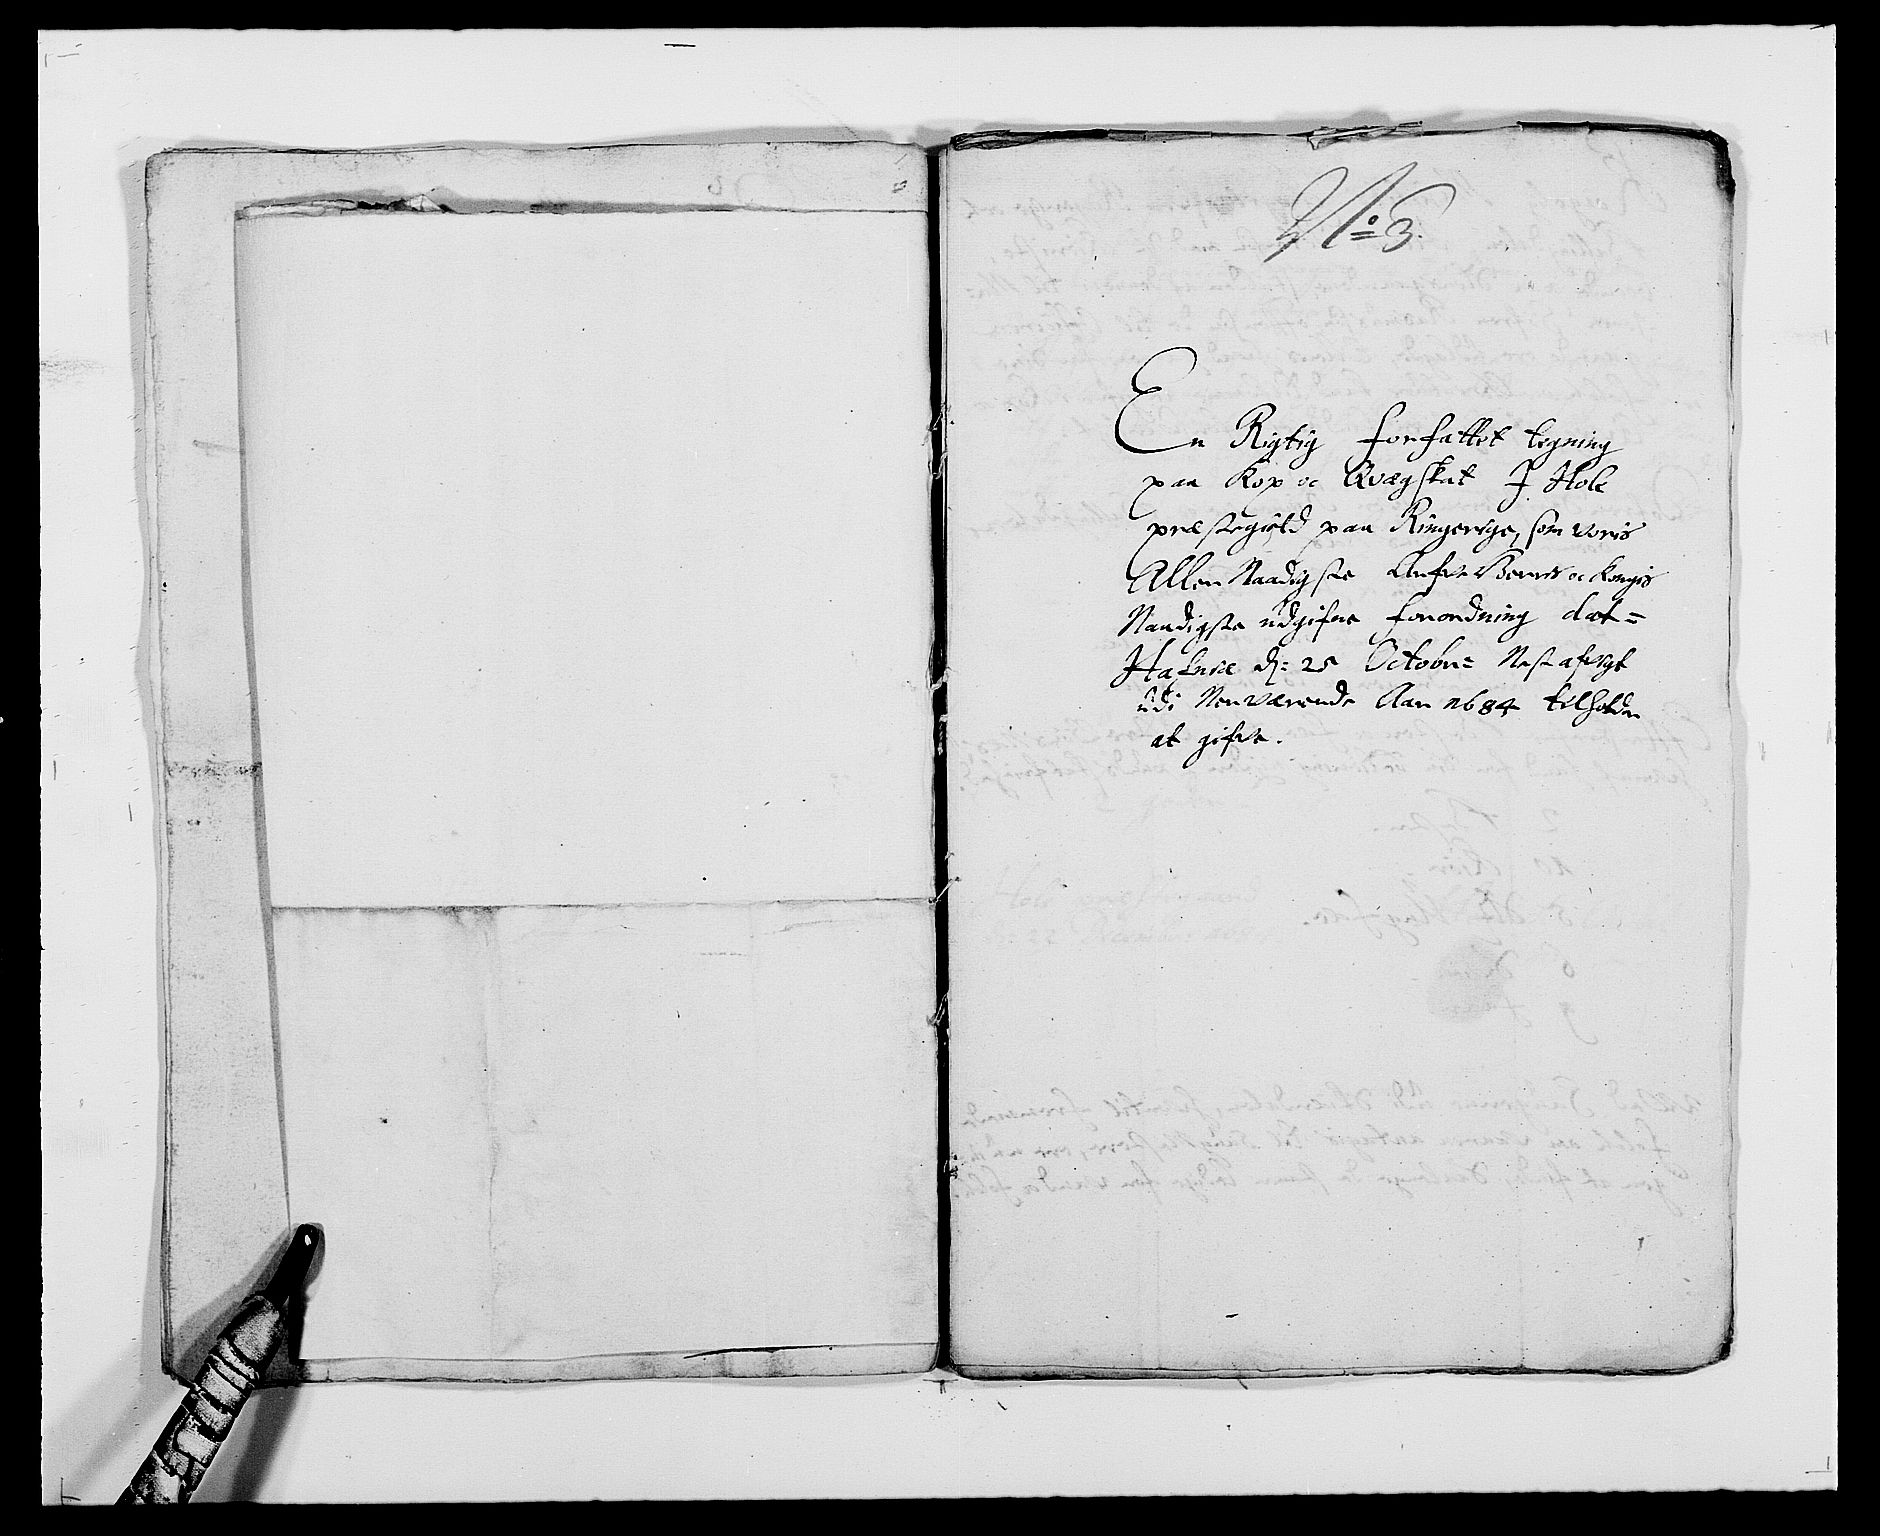 RA, Rentekammeret inntil 1814, Reviderte regnskaper, Fogderegnskap, R21/L1446: Fogderegnskap Ringerike og Hallingdal, 1683-1686, s. 245